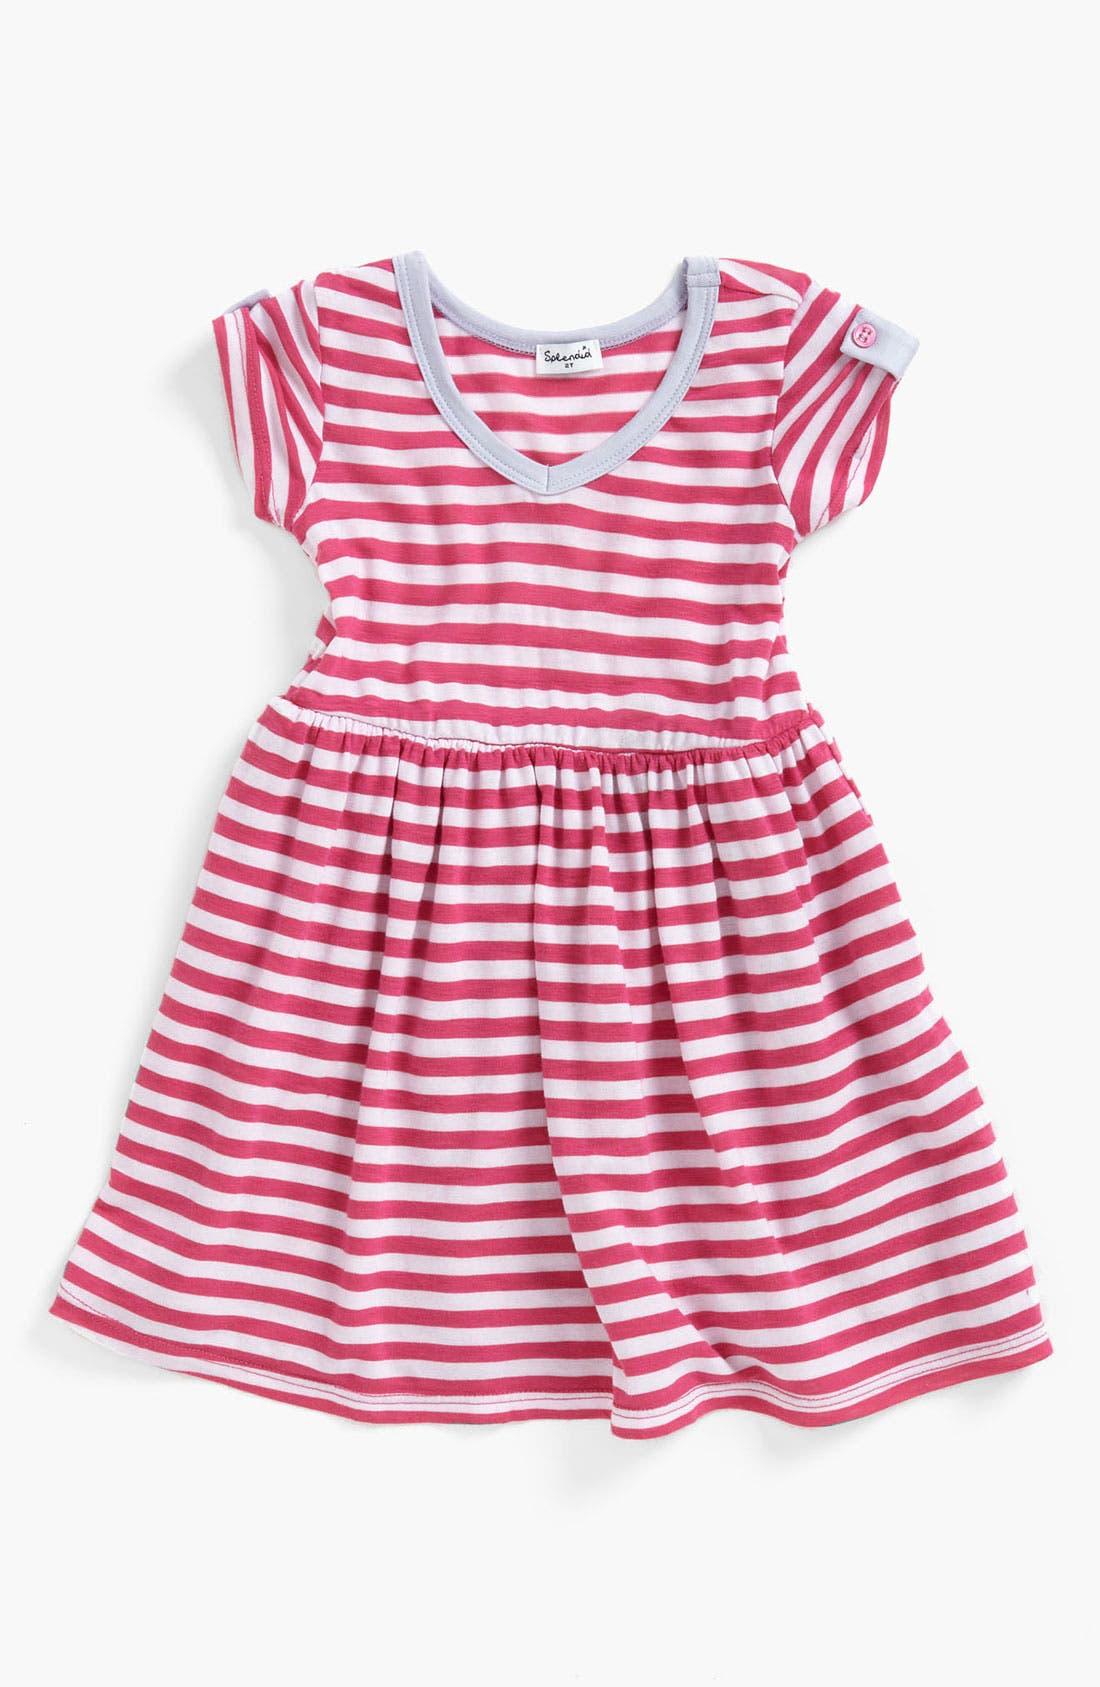 Main Image - Splendid Stripe Dress (Toddler)